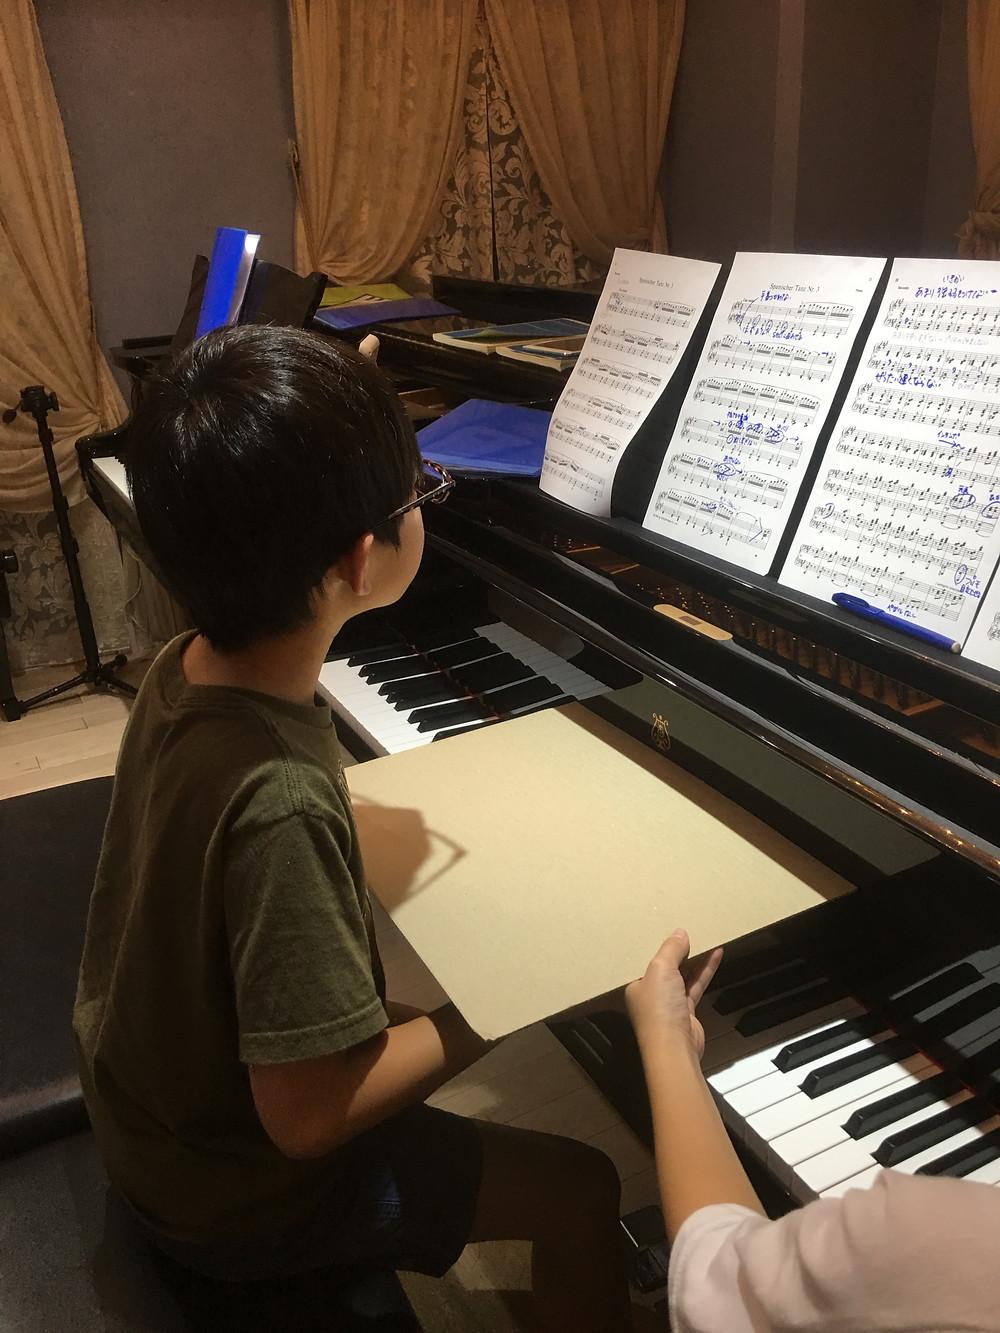 すぐにできる、ピアノの姿勢の改善法